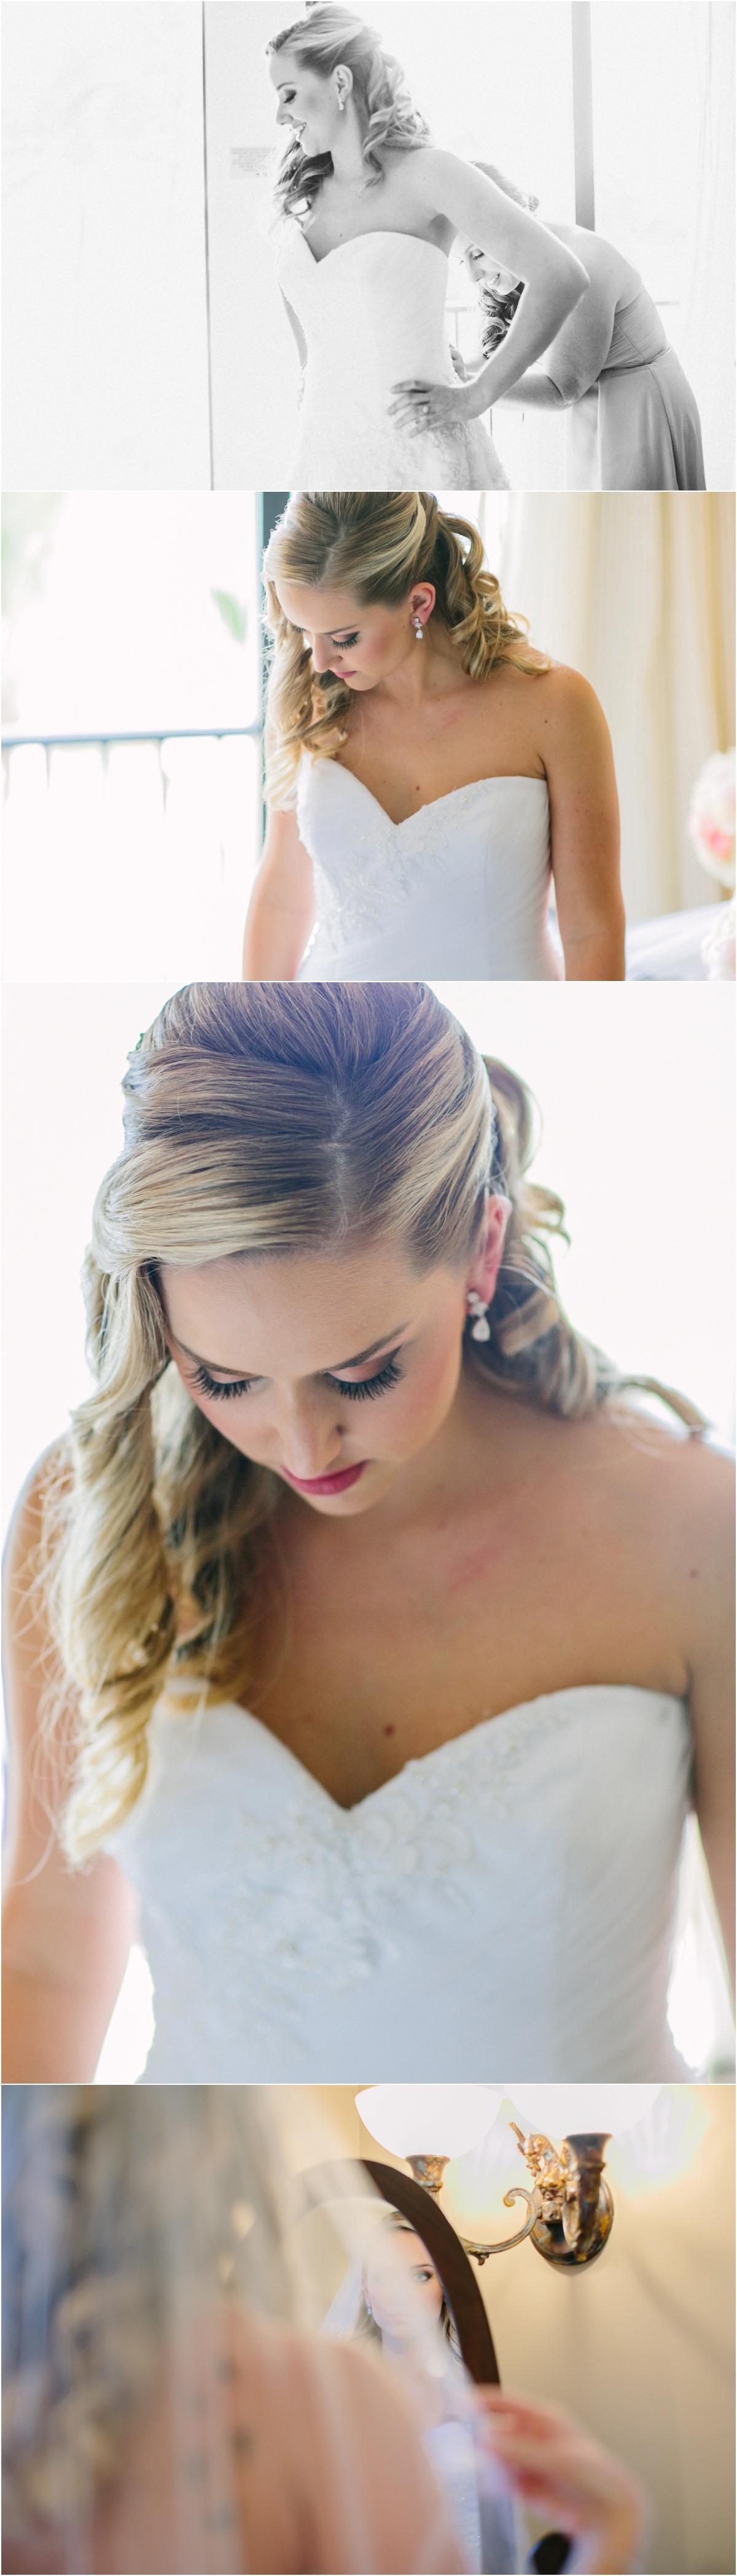 Boca-Raton-South-Florida-Wedding-photography_0005